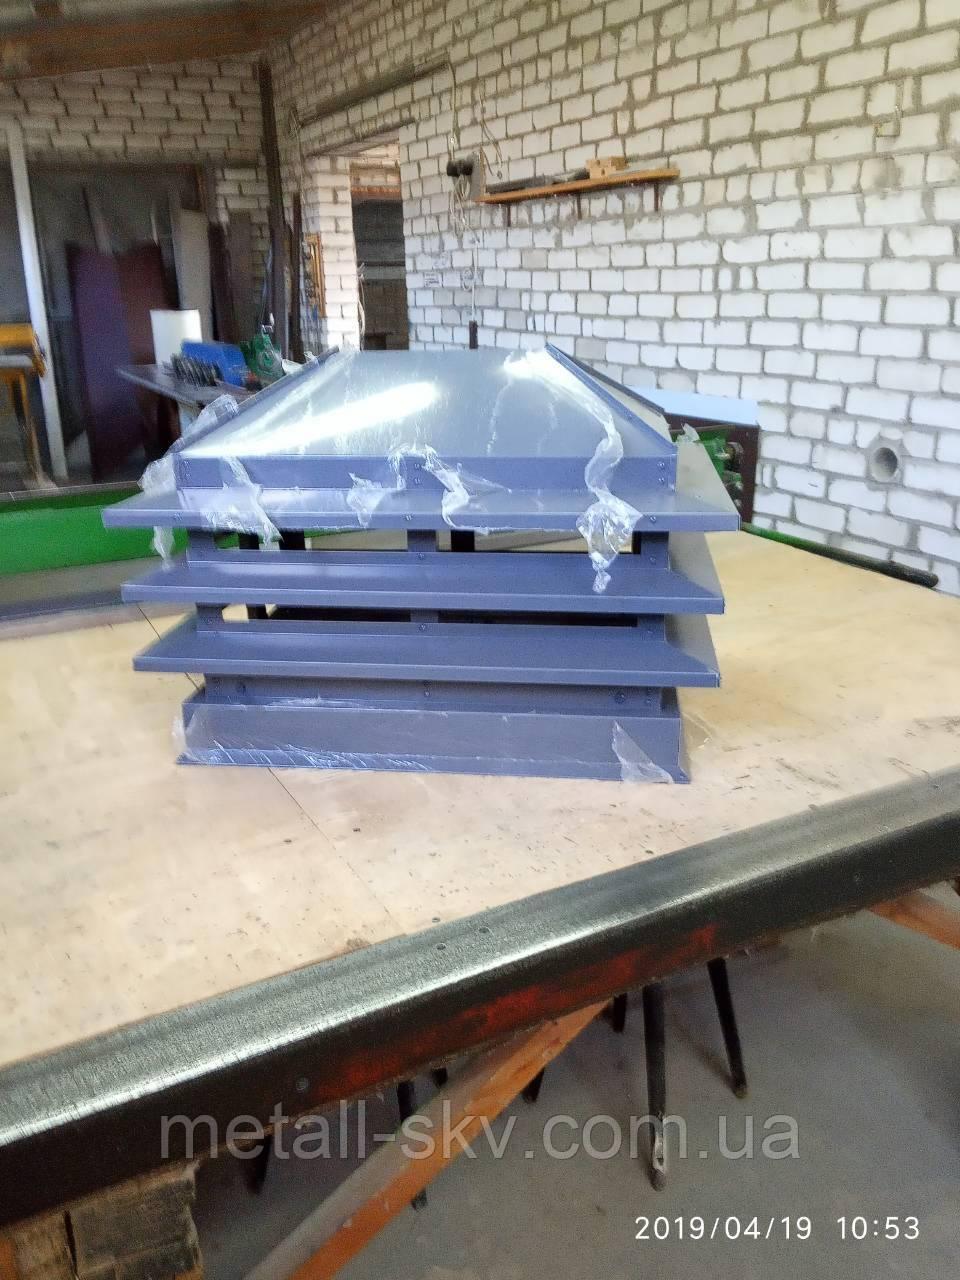 Ковпак для вентиляції і димоходу 520*520(ruukki 0.5 мм)